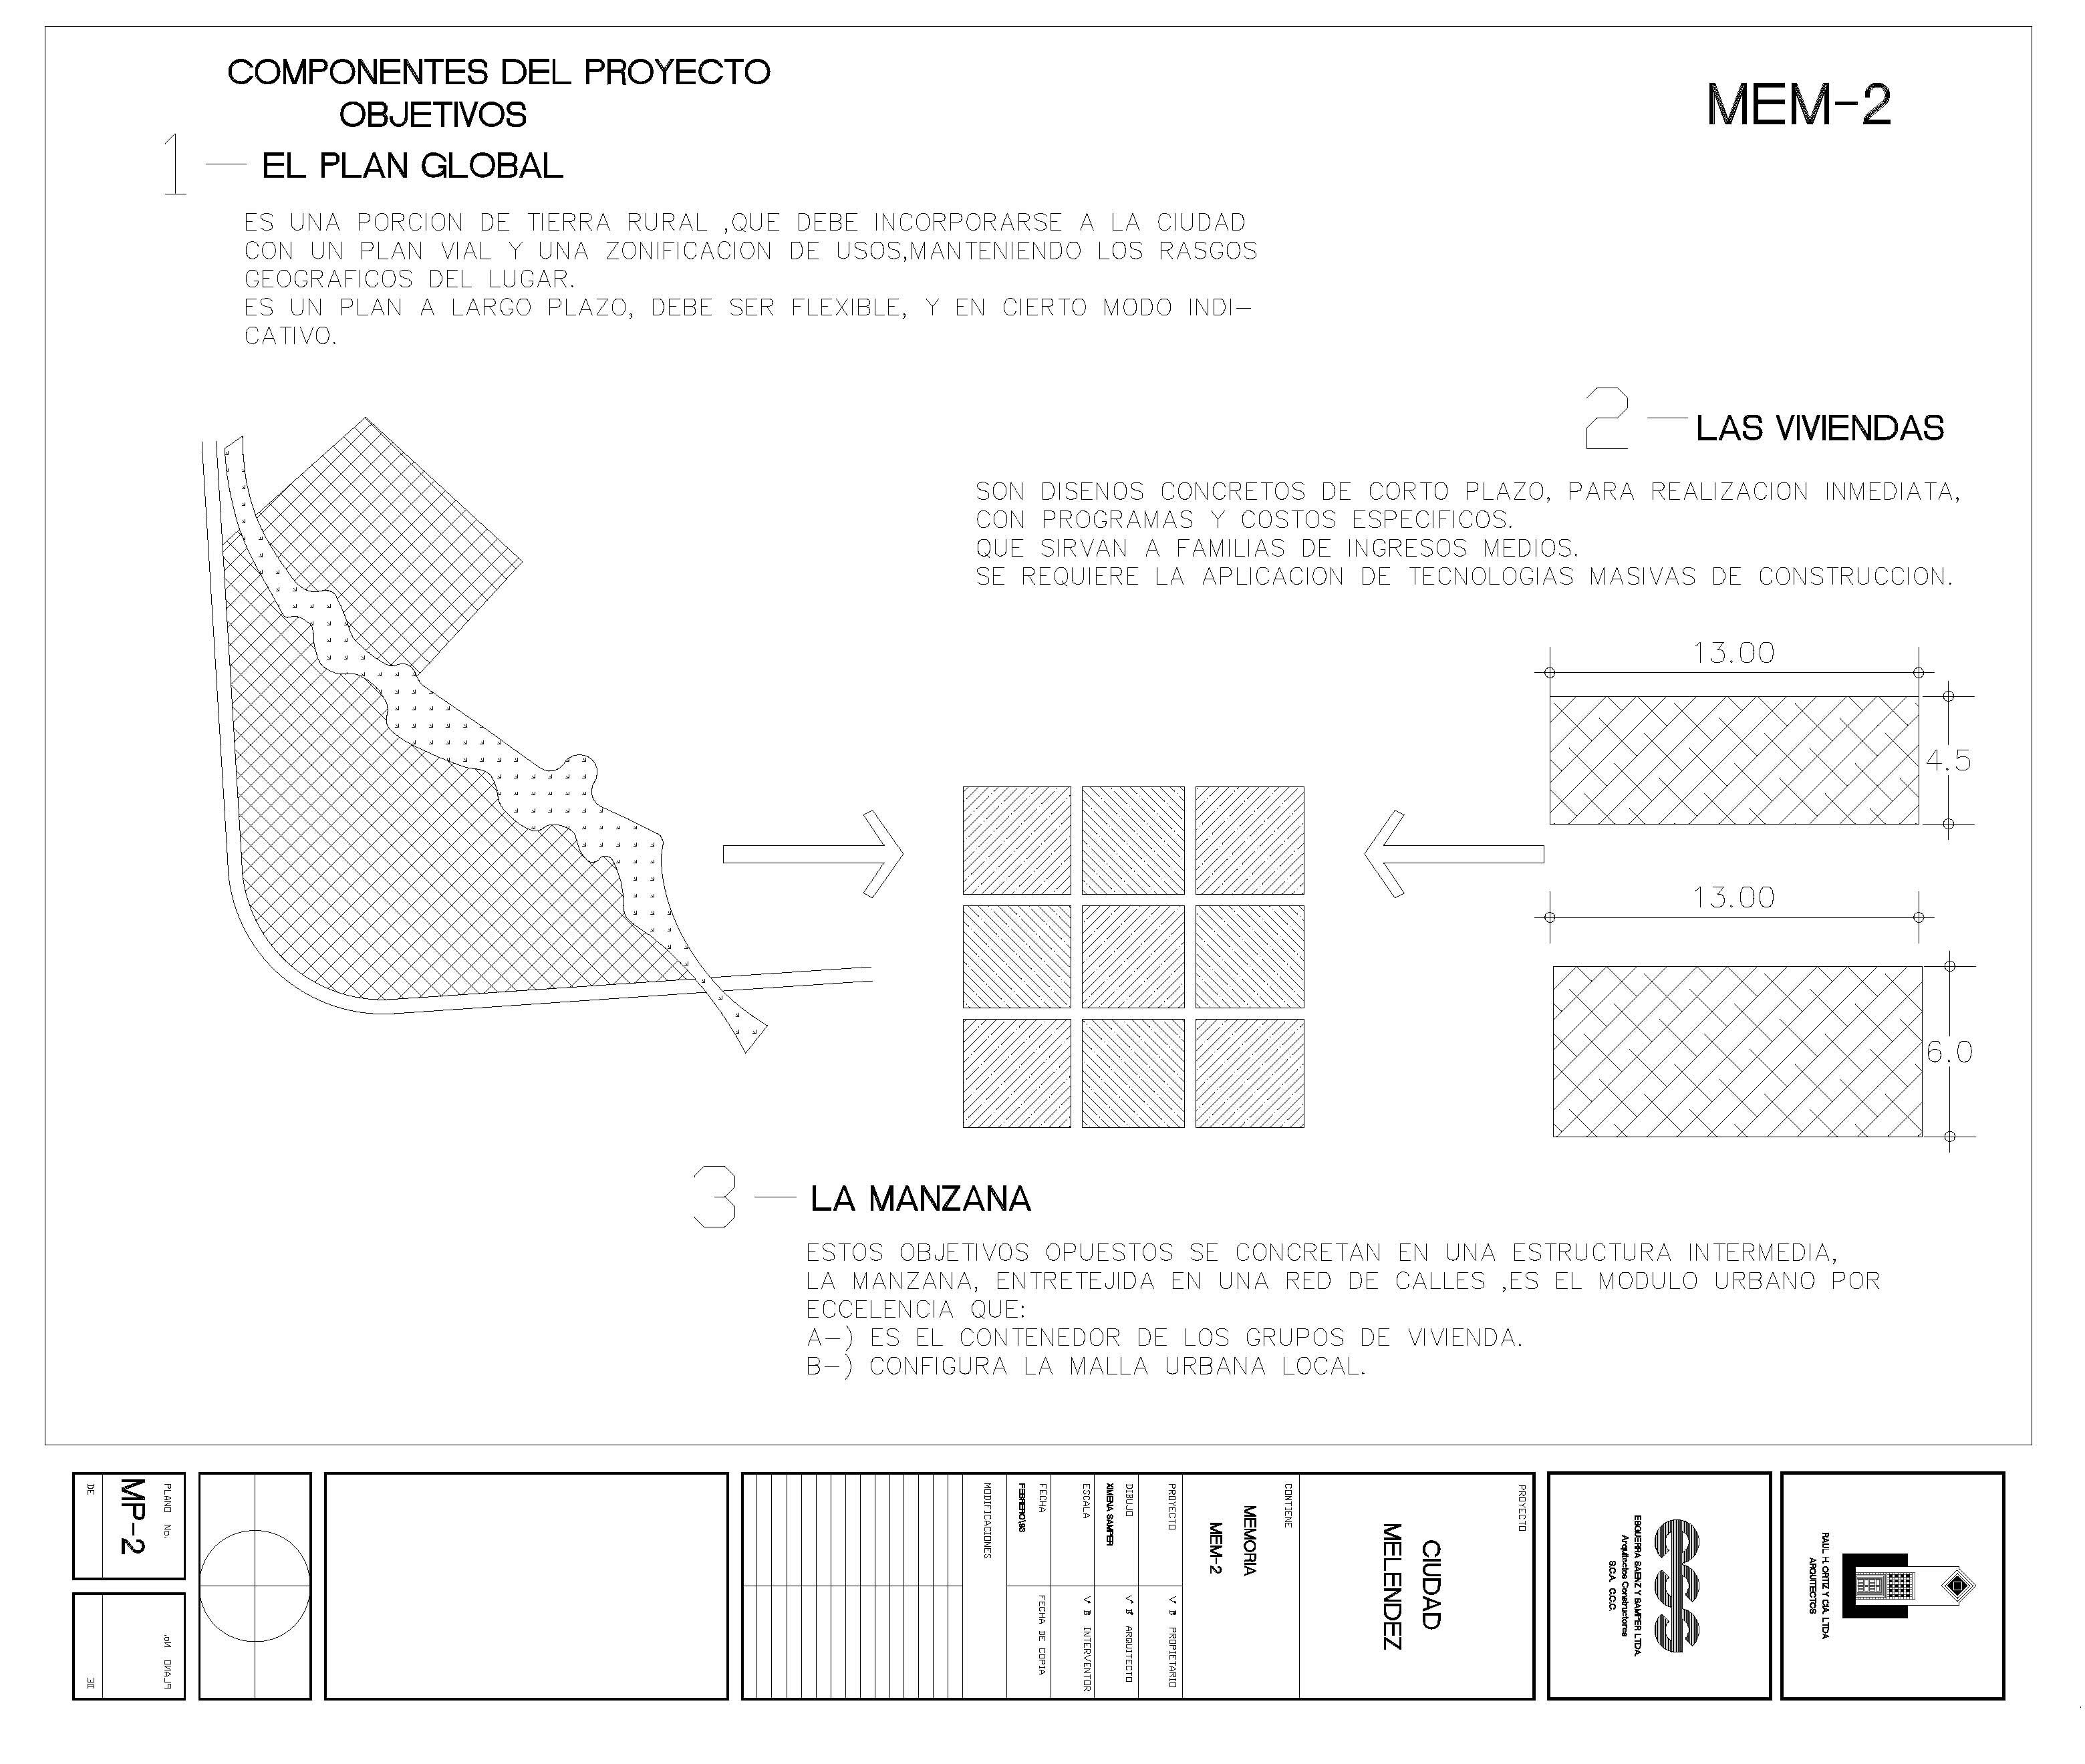 CM-Memoria-P2 Model (1).jpg